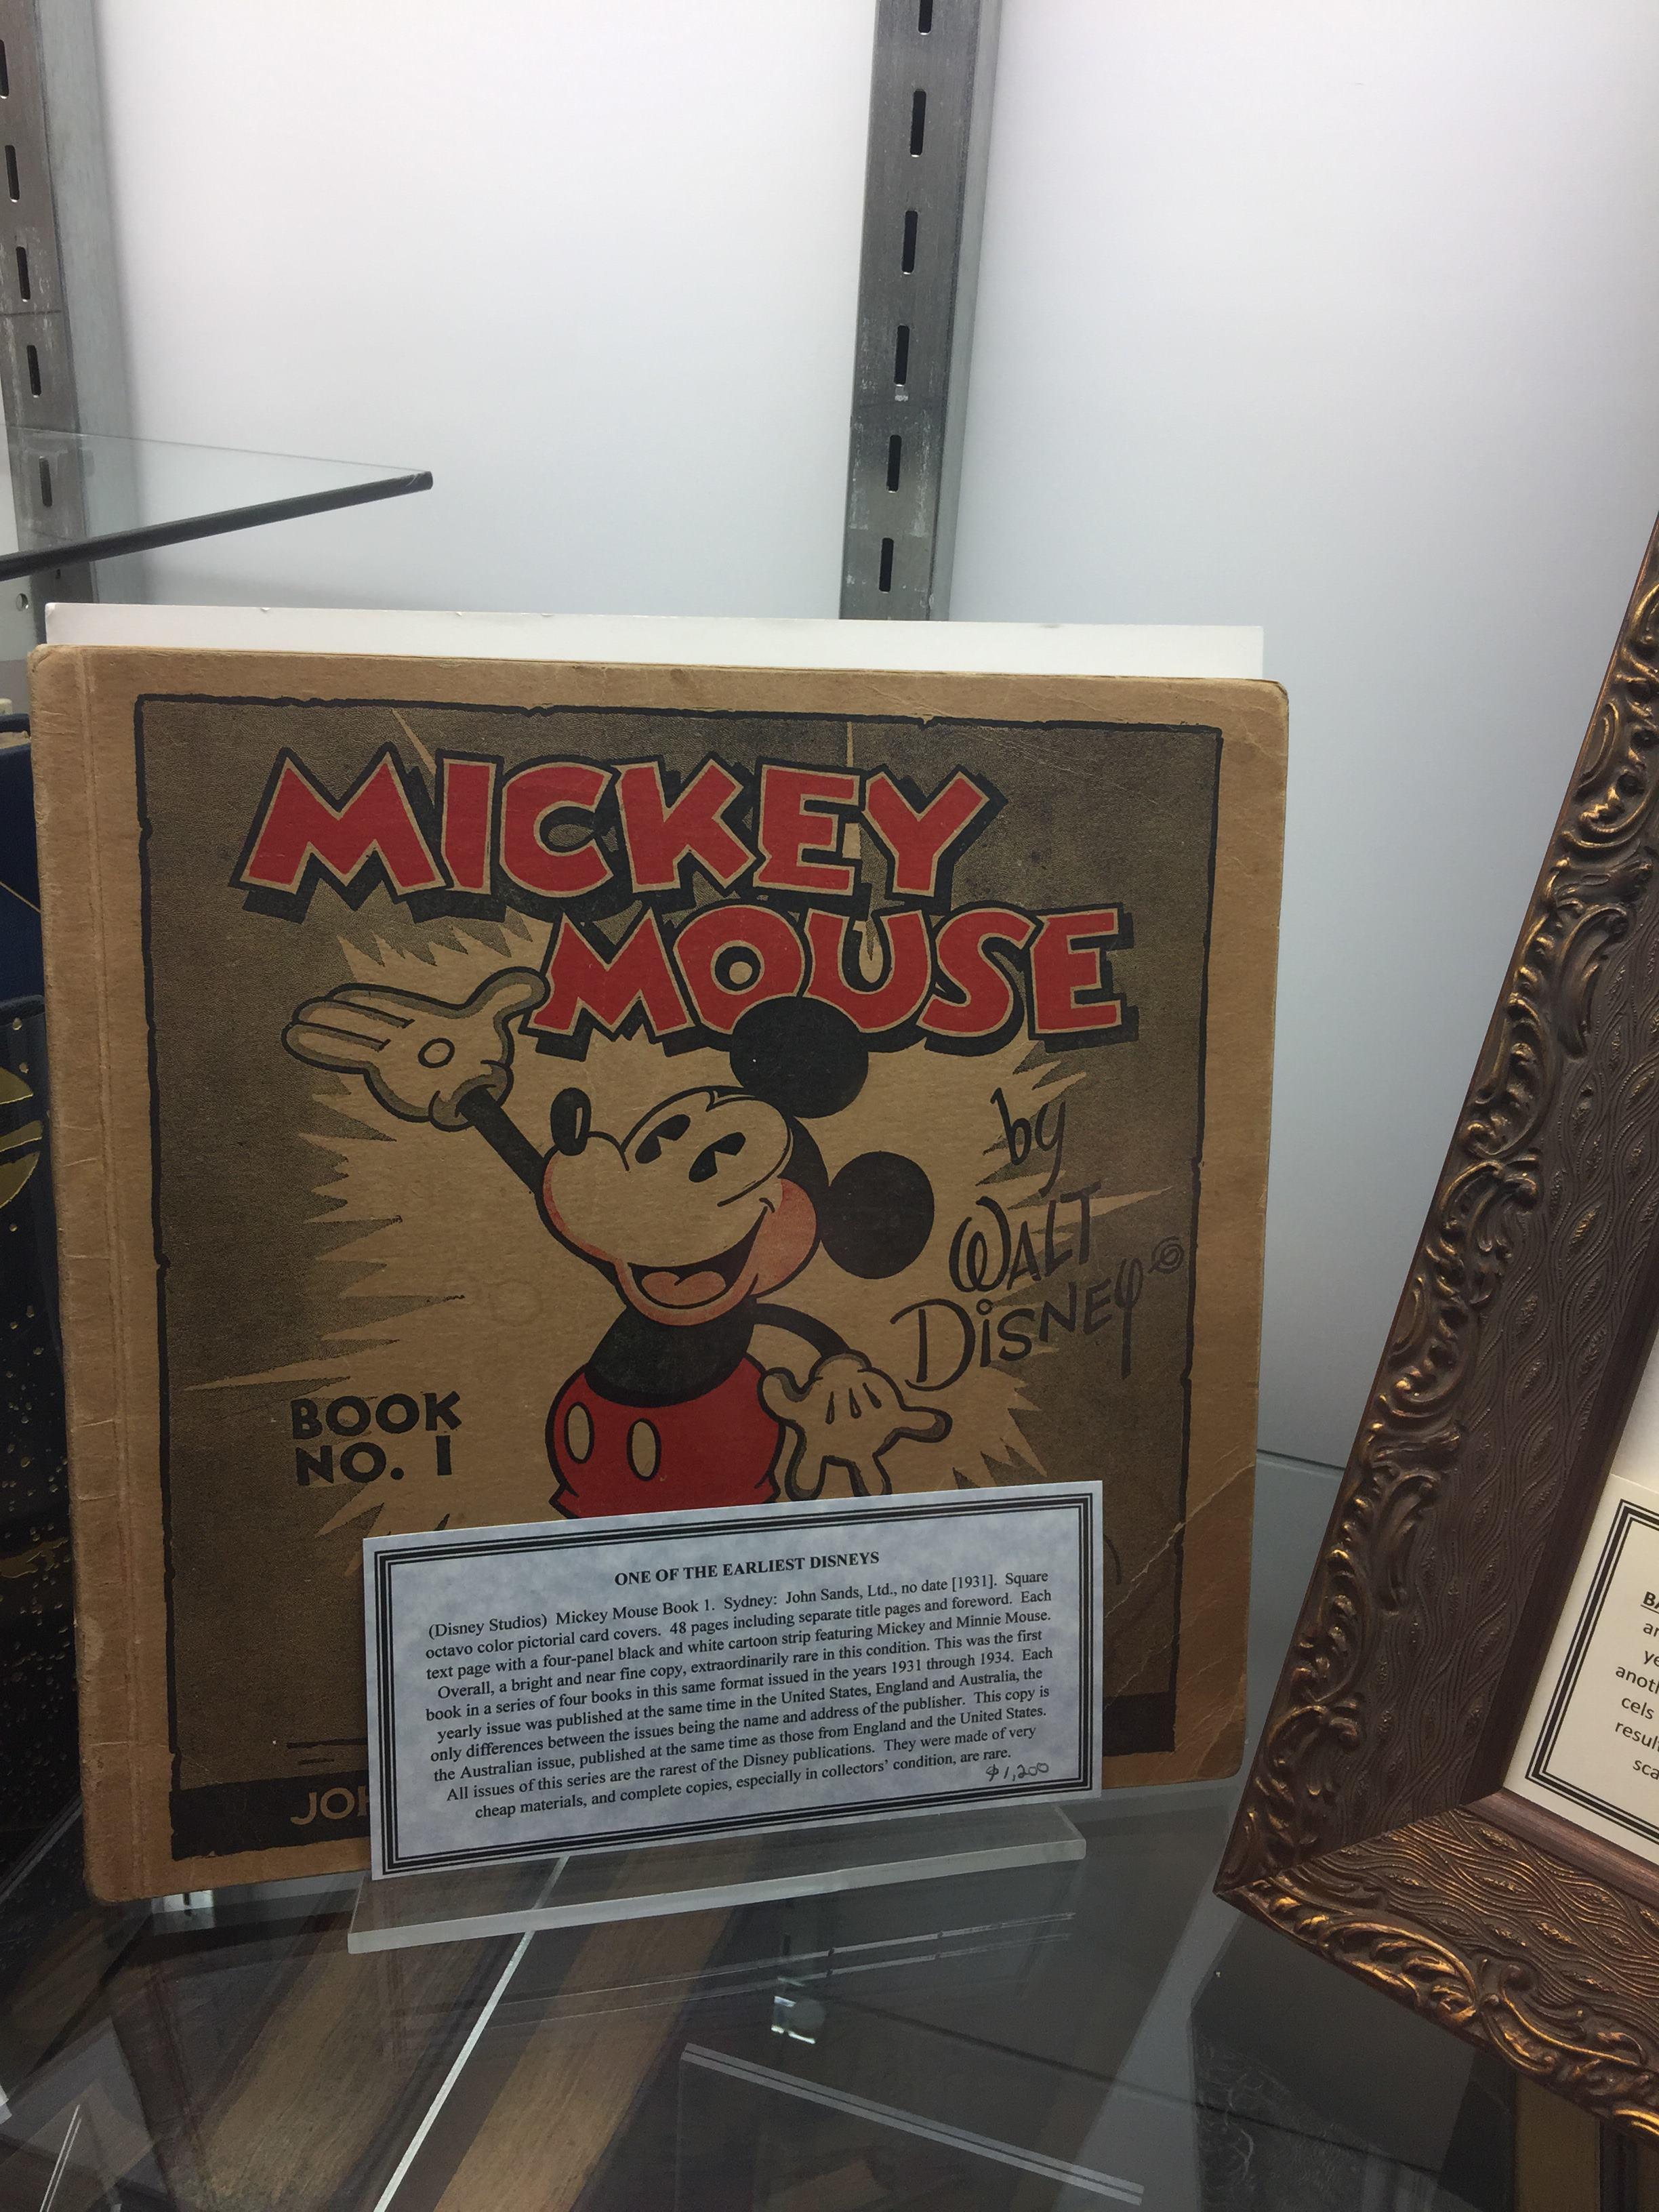 A rare Disney publication